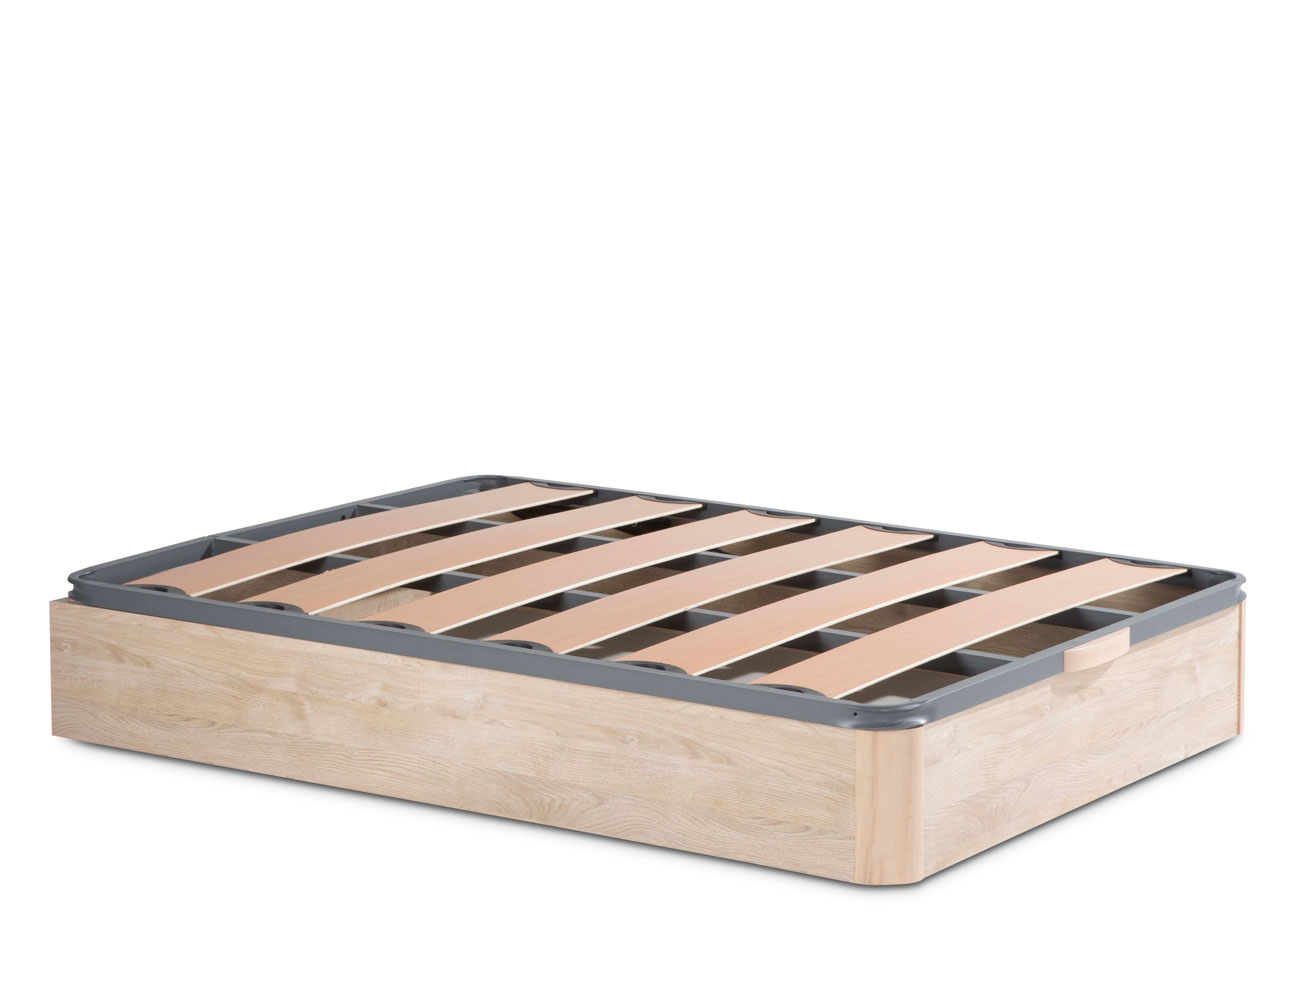 Canape madera somier laminas pvc 7812